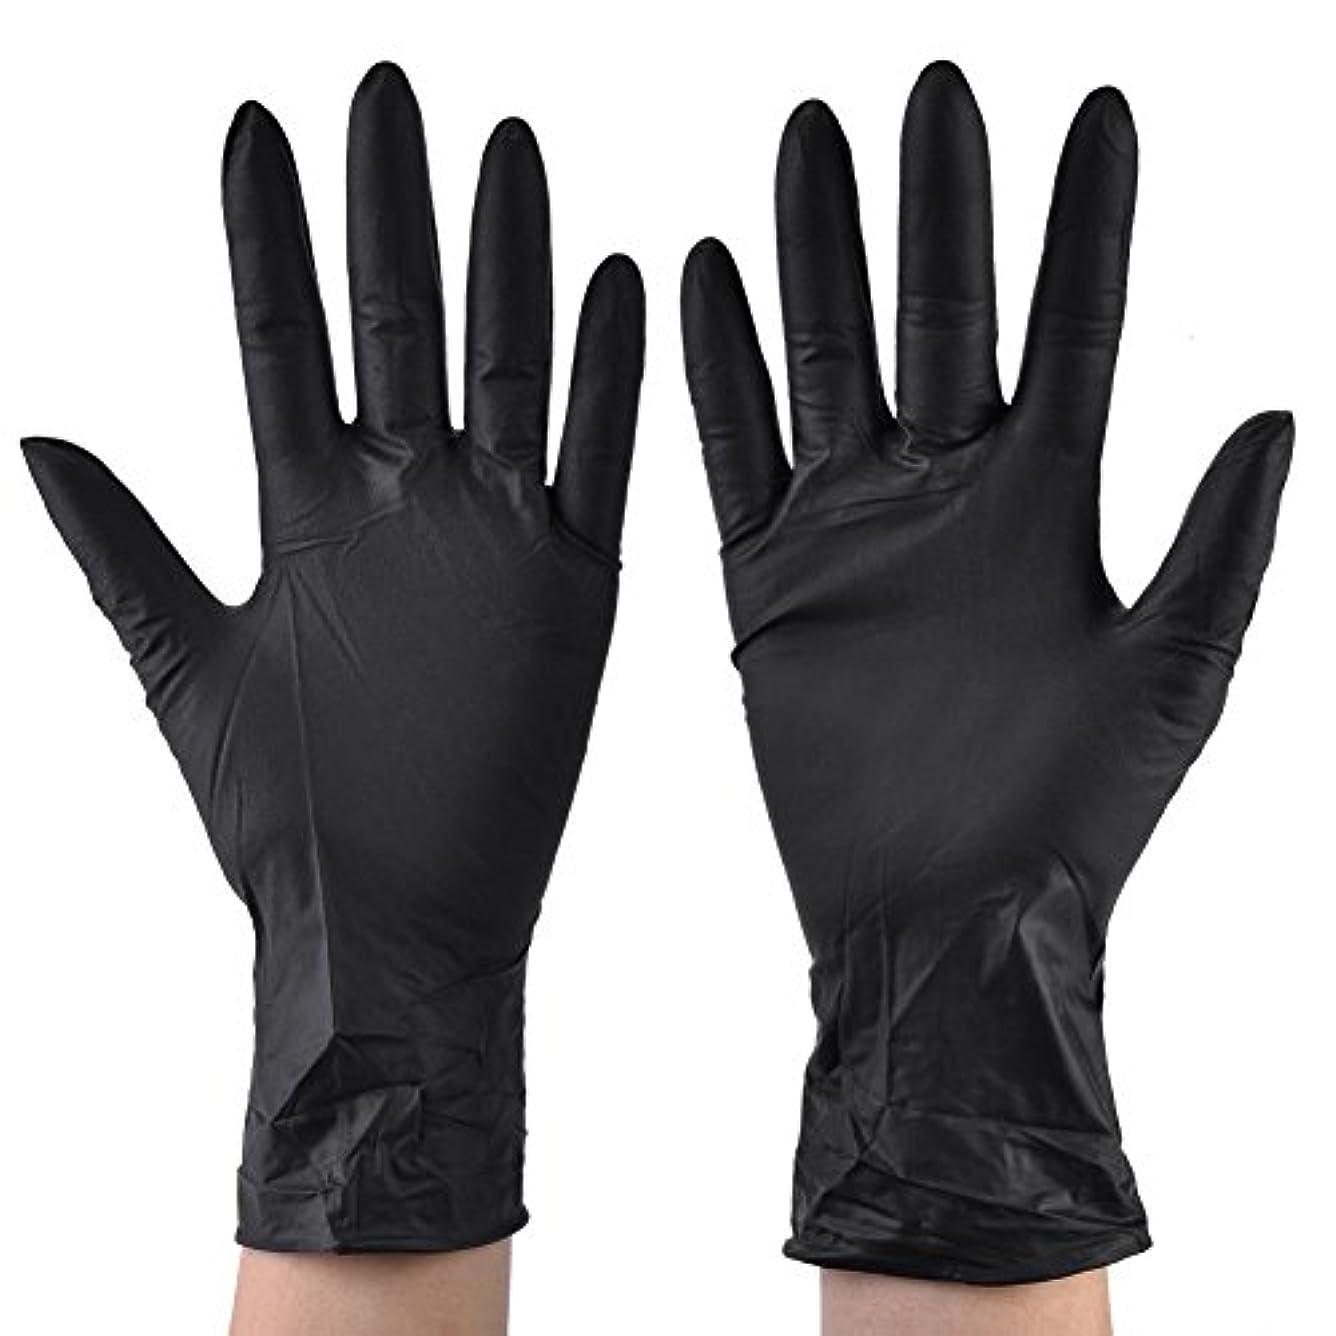 地上で人間能力使い捨て手袋 ニトリルグローブ ホワイト 粉なし 工業用/医療用/理美容用/レストラン用 M/L選択可 100枚 左右兼用 作業手袋(M)